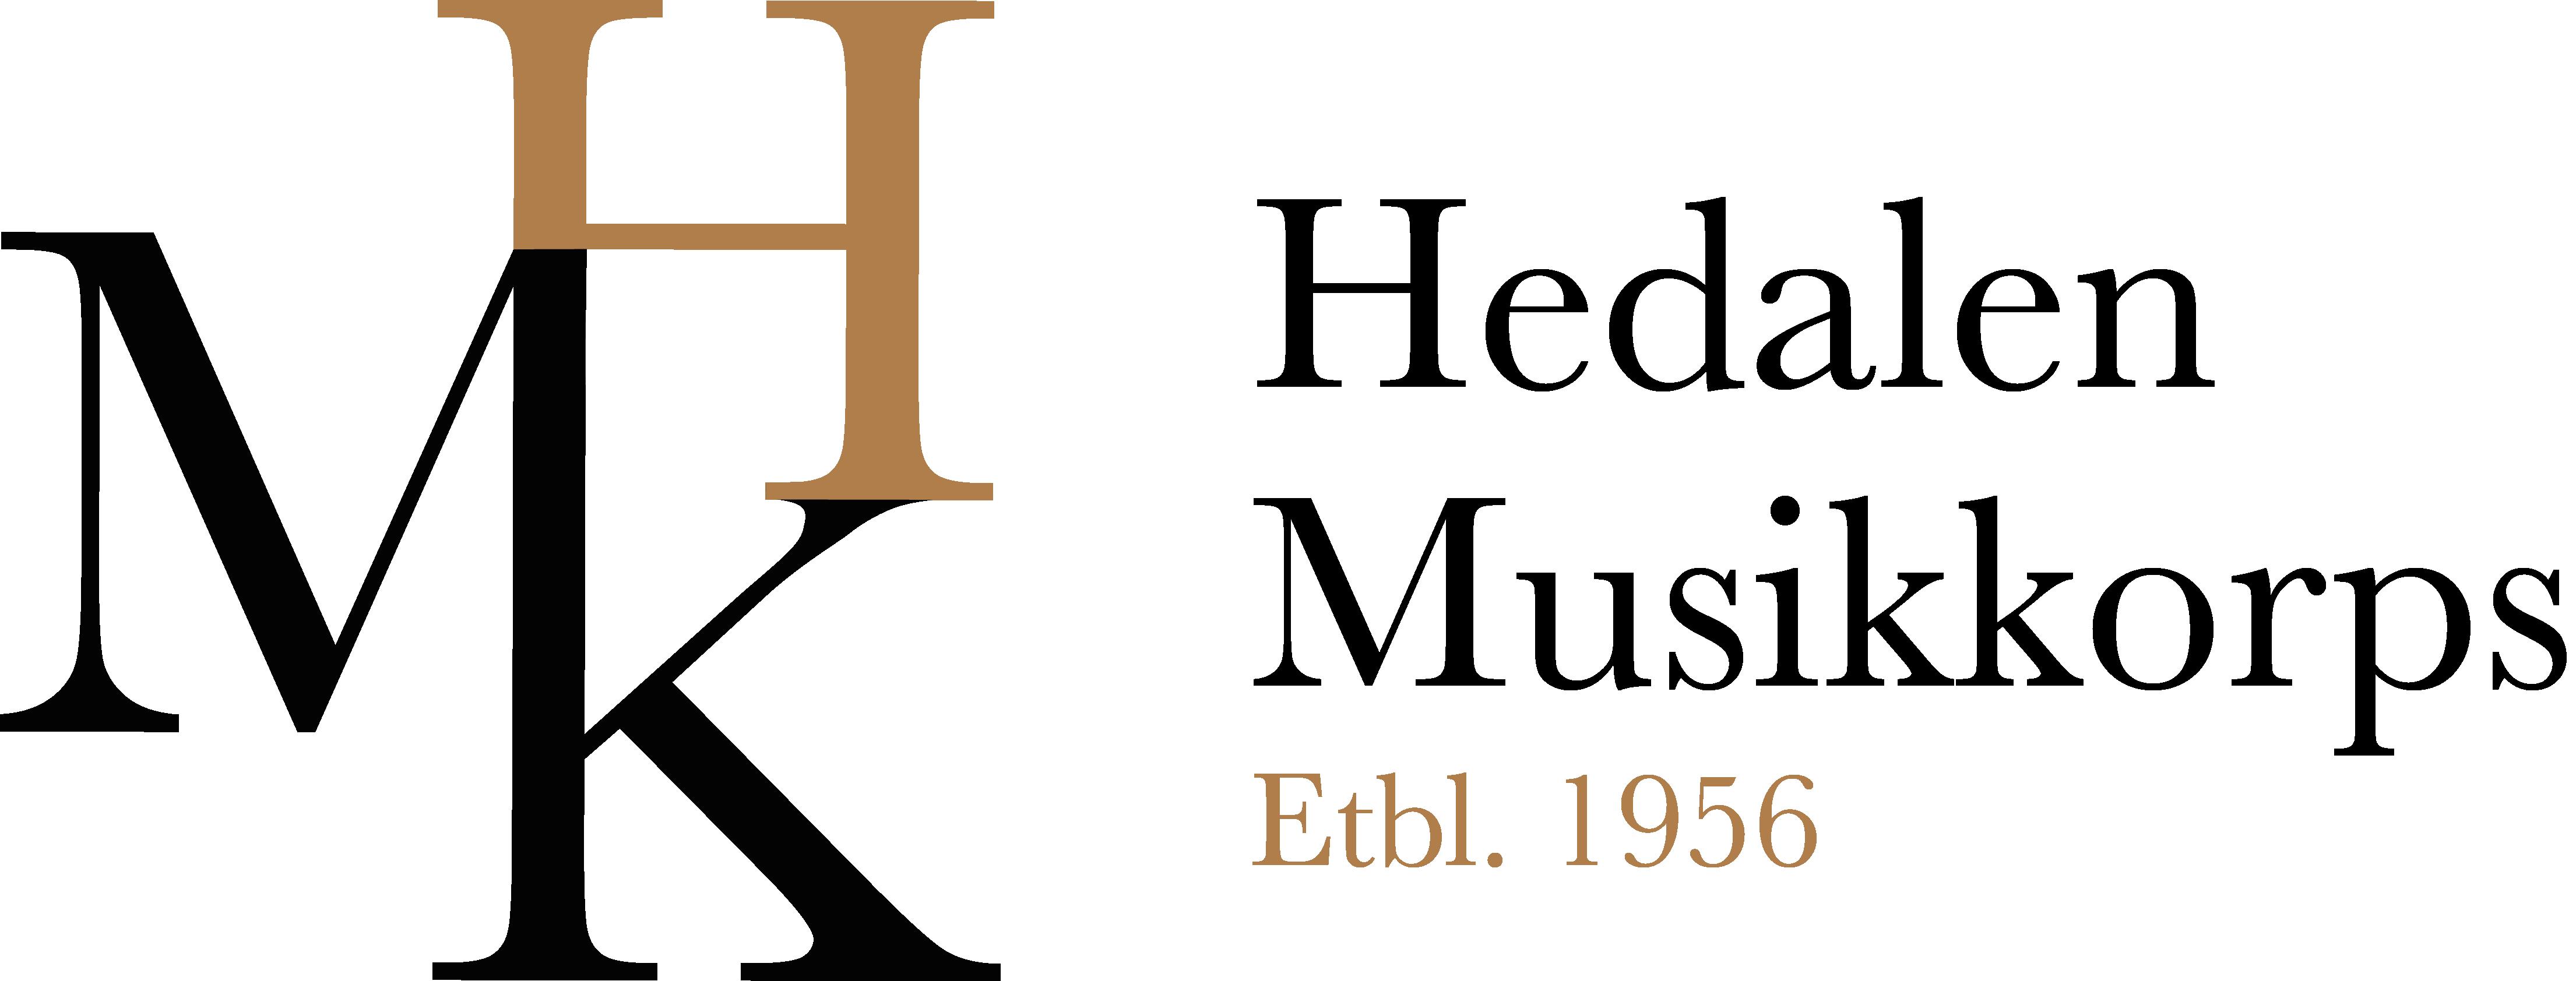 Hedalen musikkorps